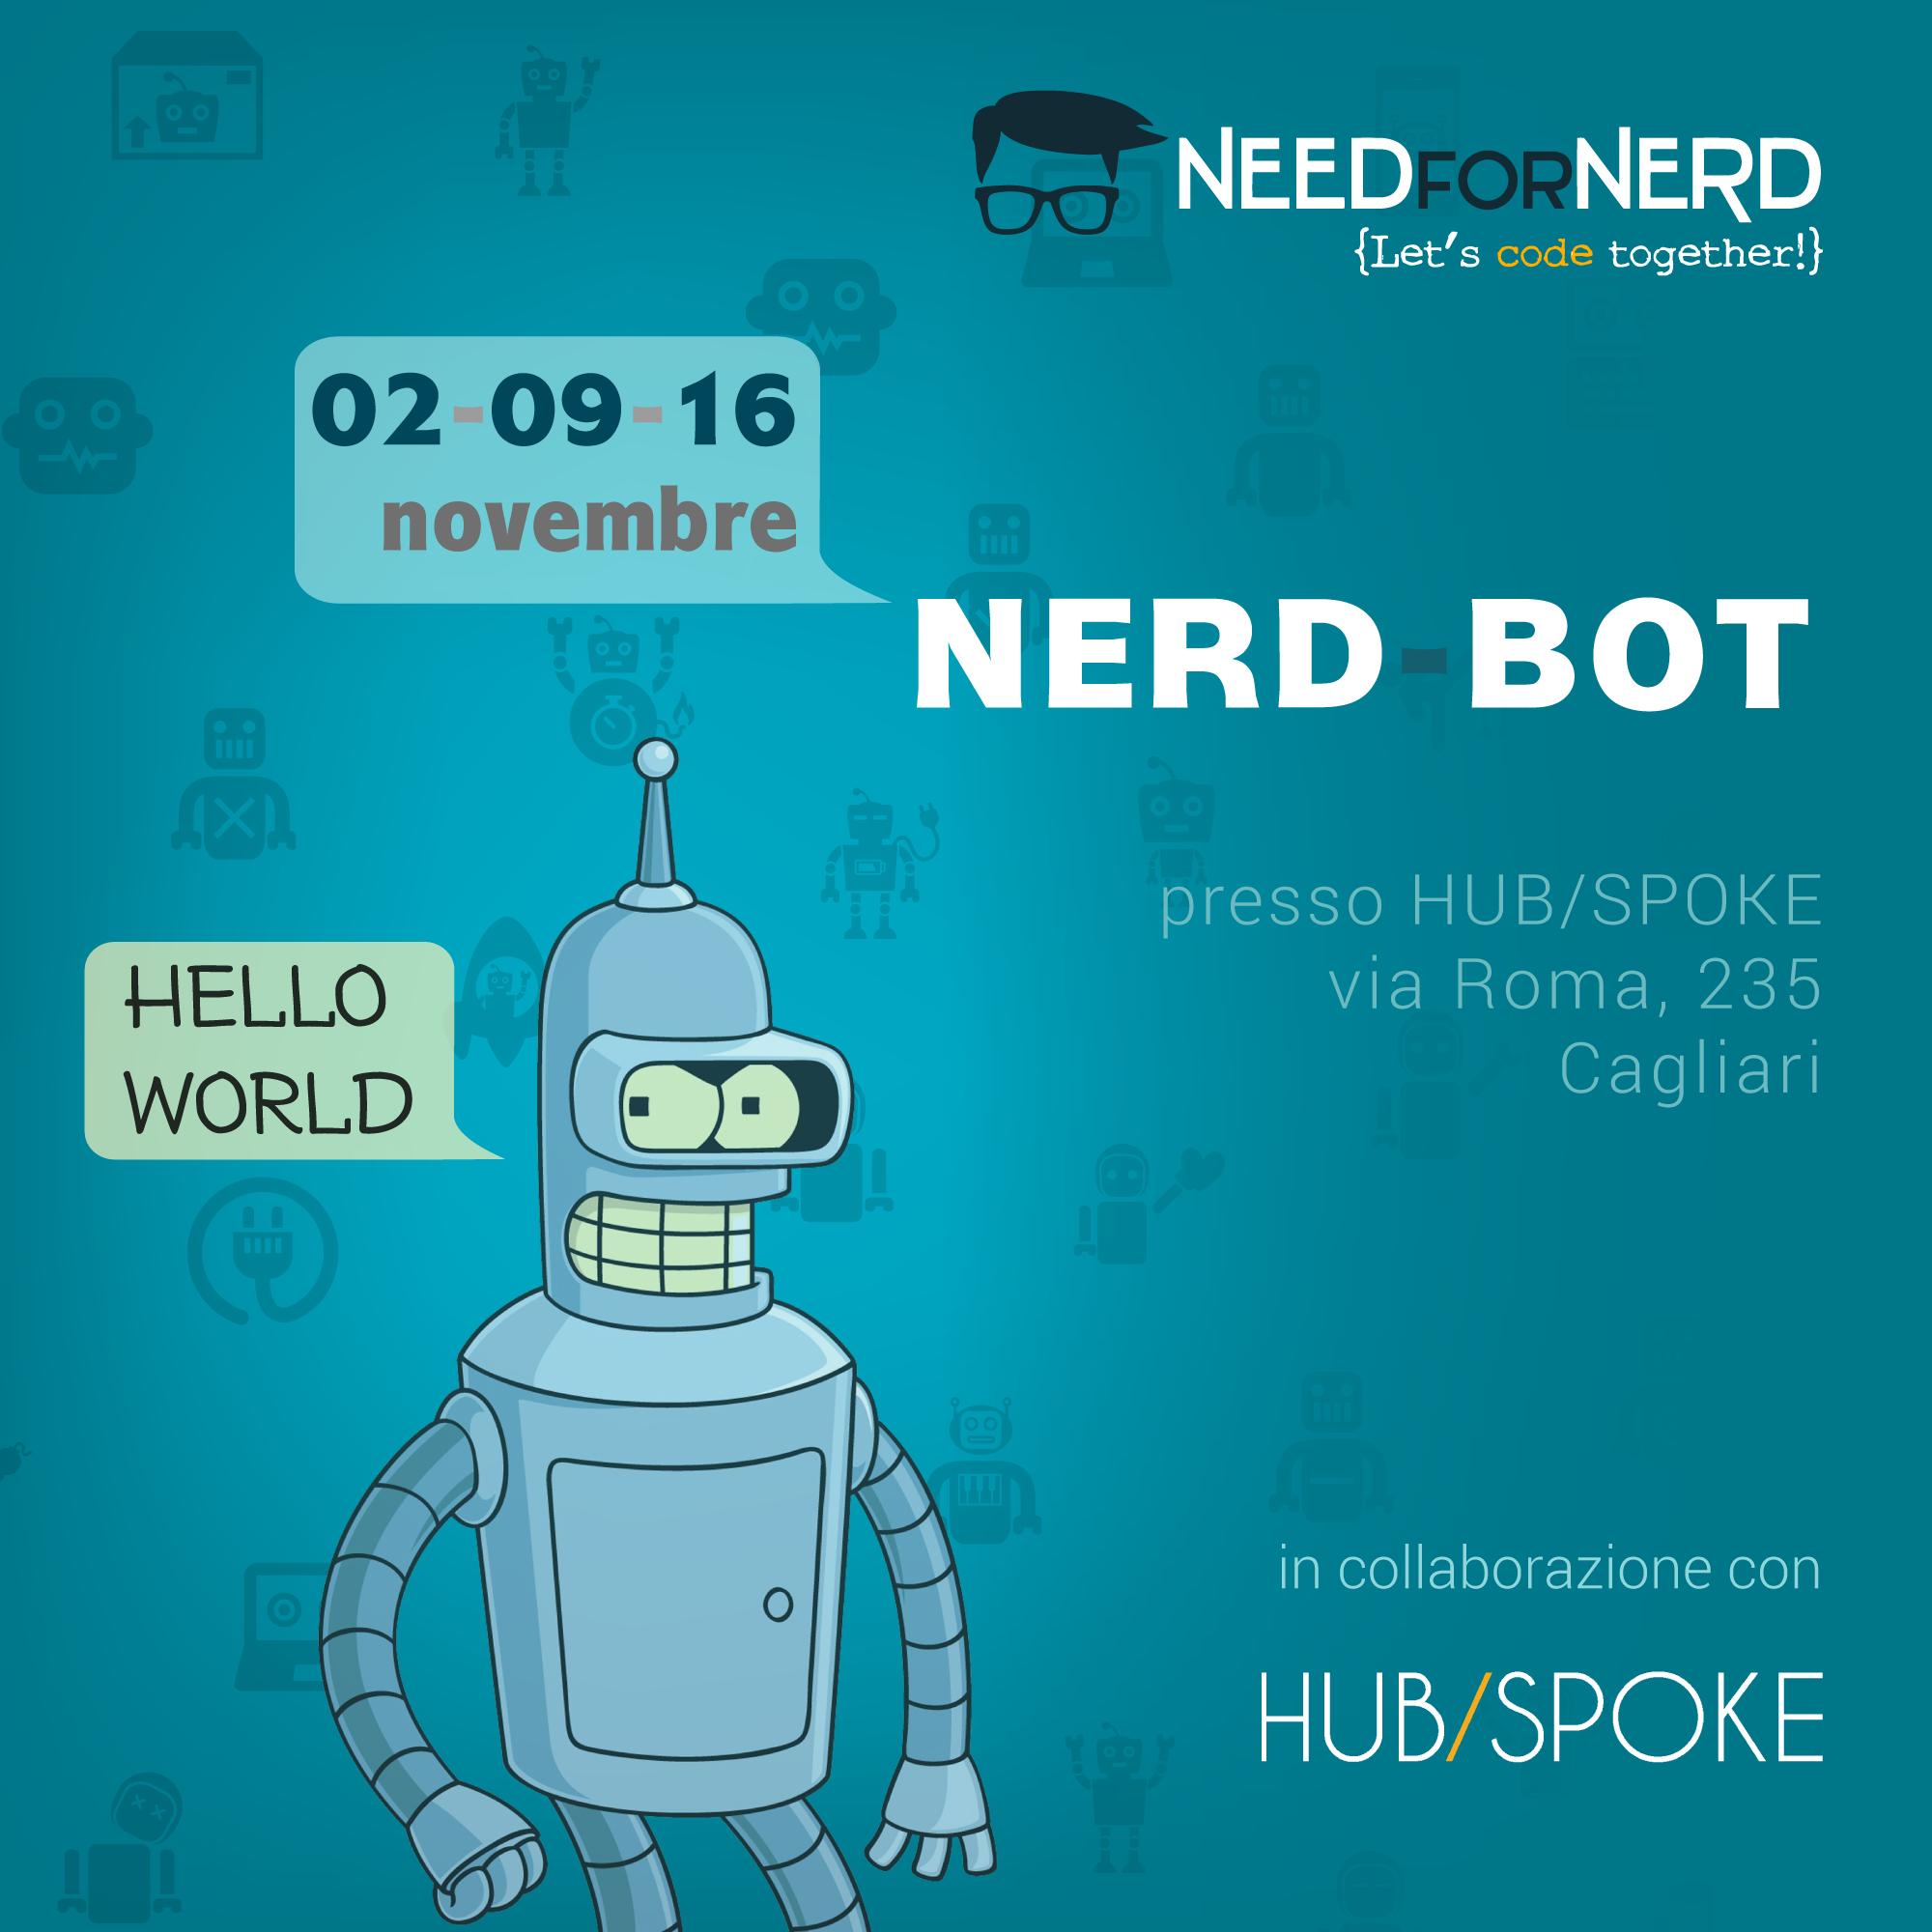 Nerd bot: Corso per creare di Bot Telegram a Cagliari